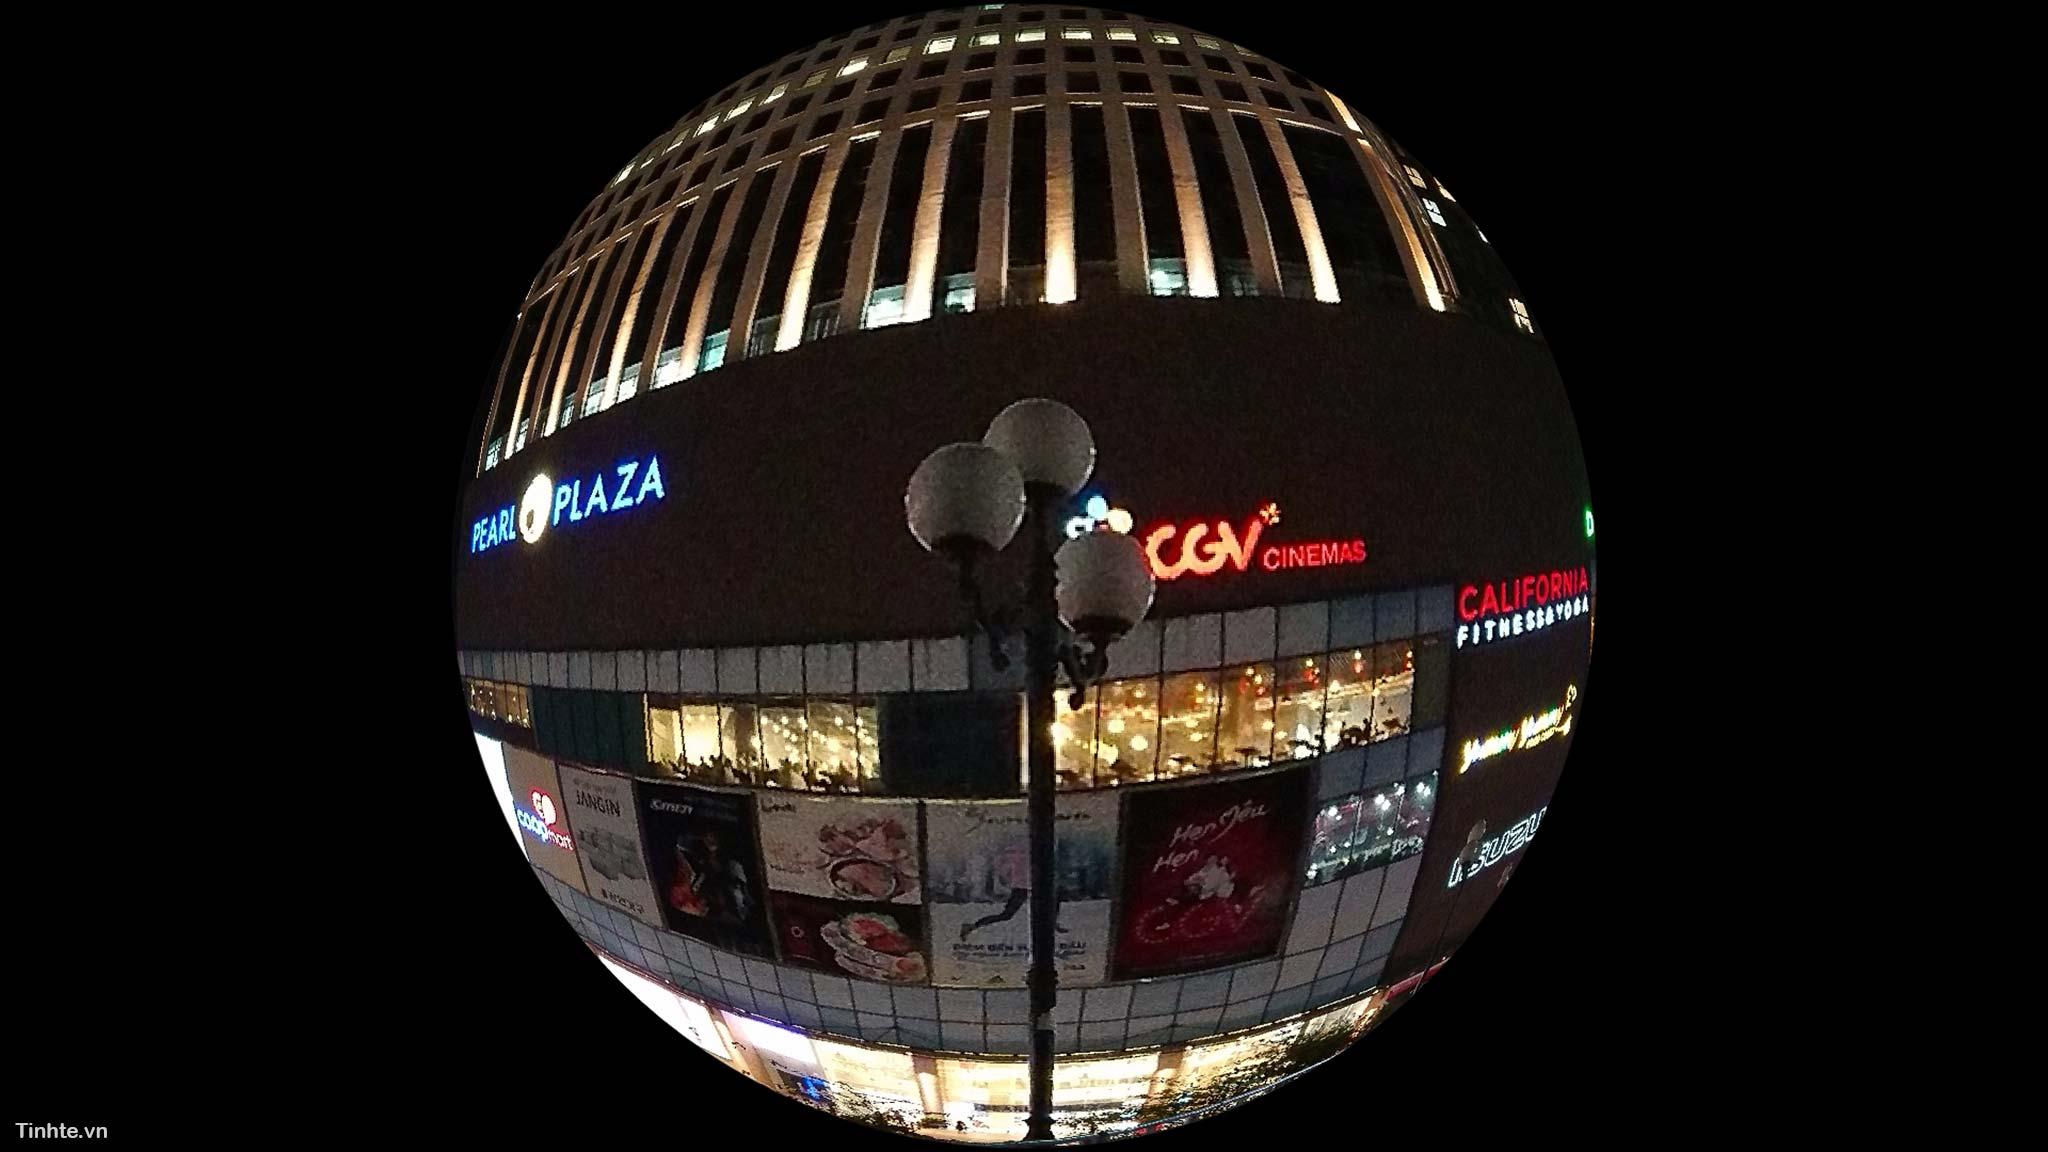 sony-experia-xzs---camera.tinhte.vn--_-46.jpg